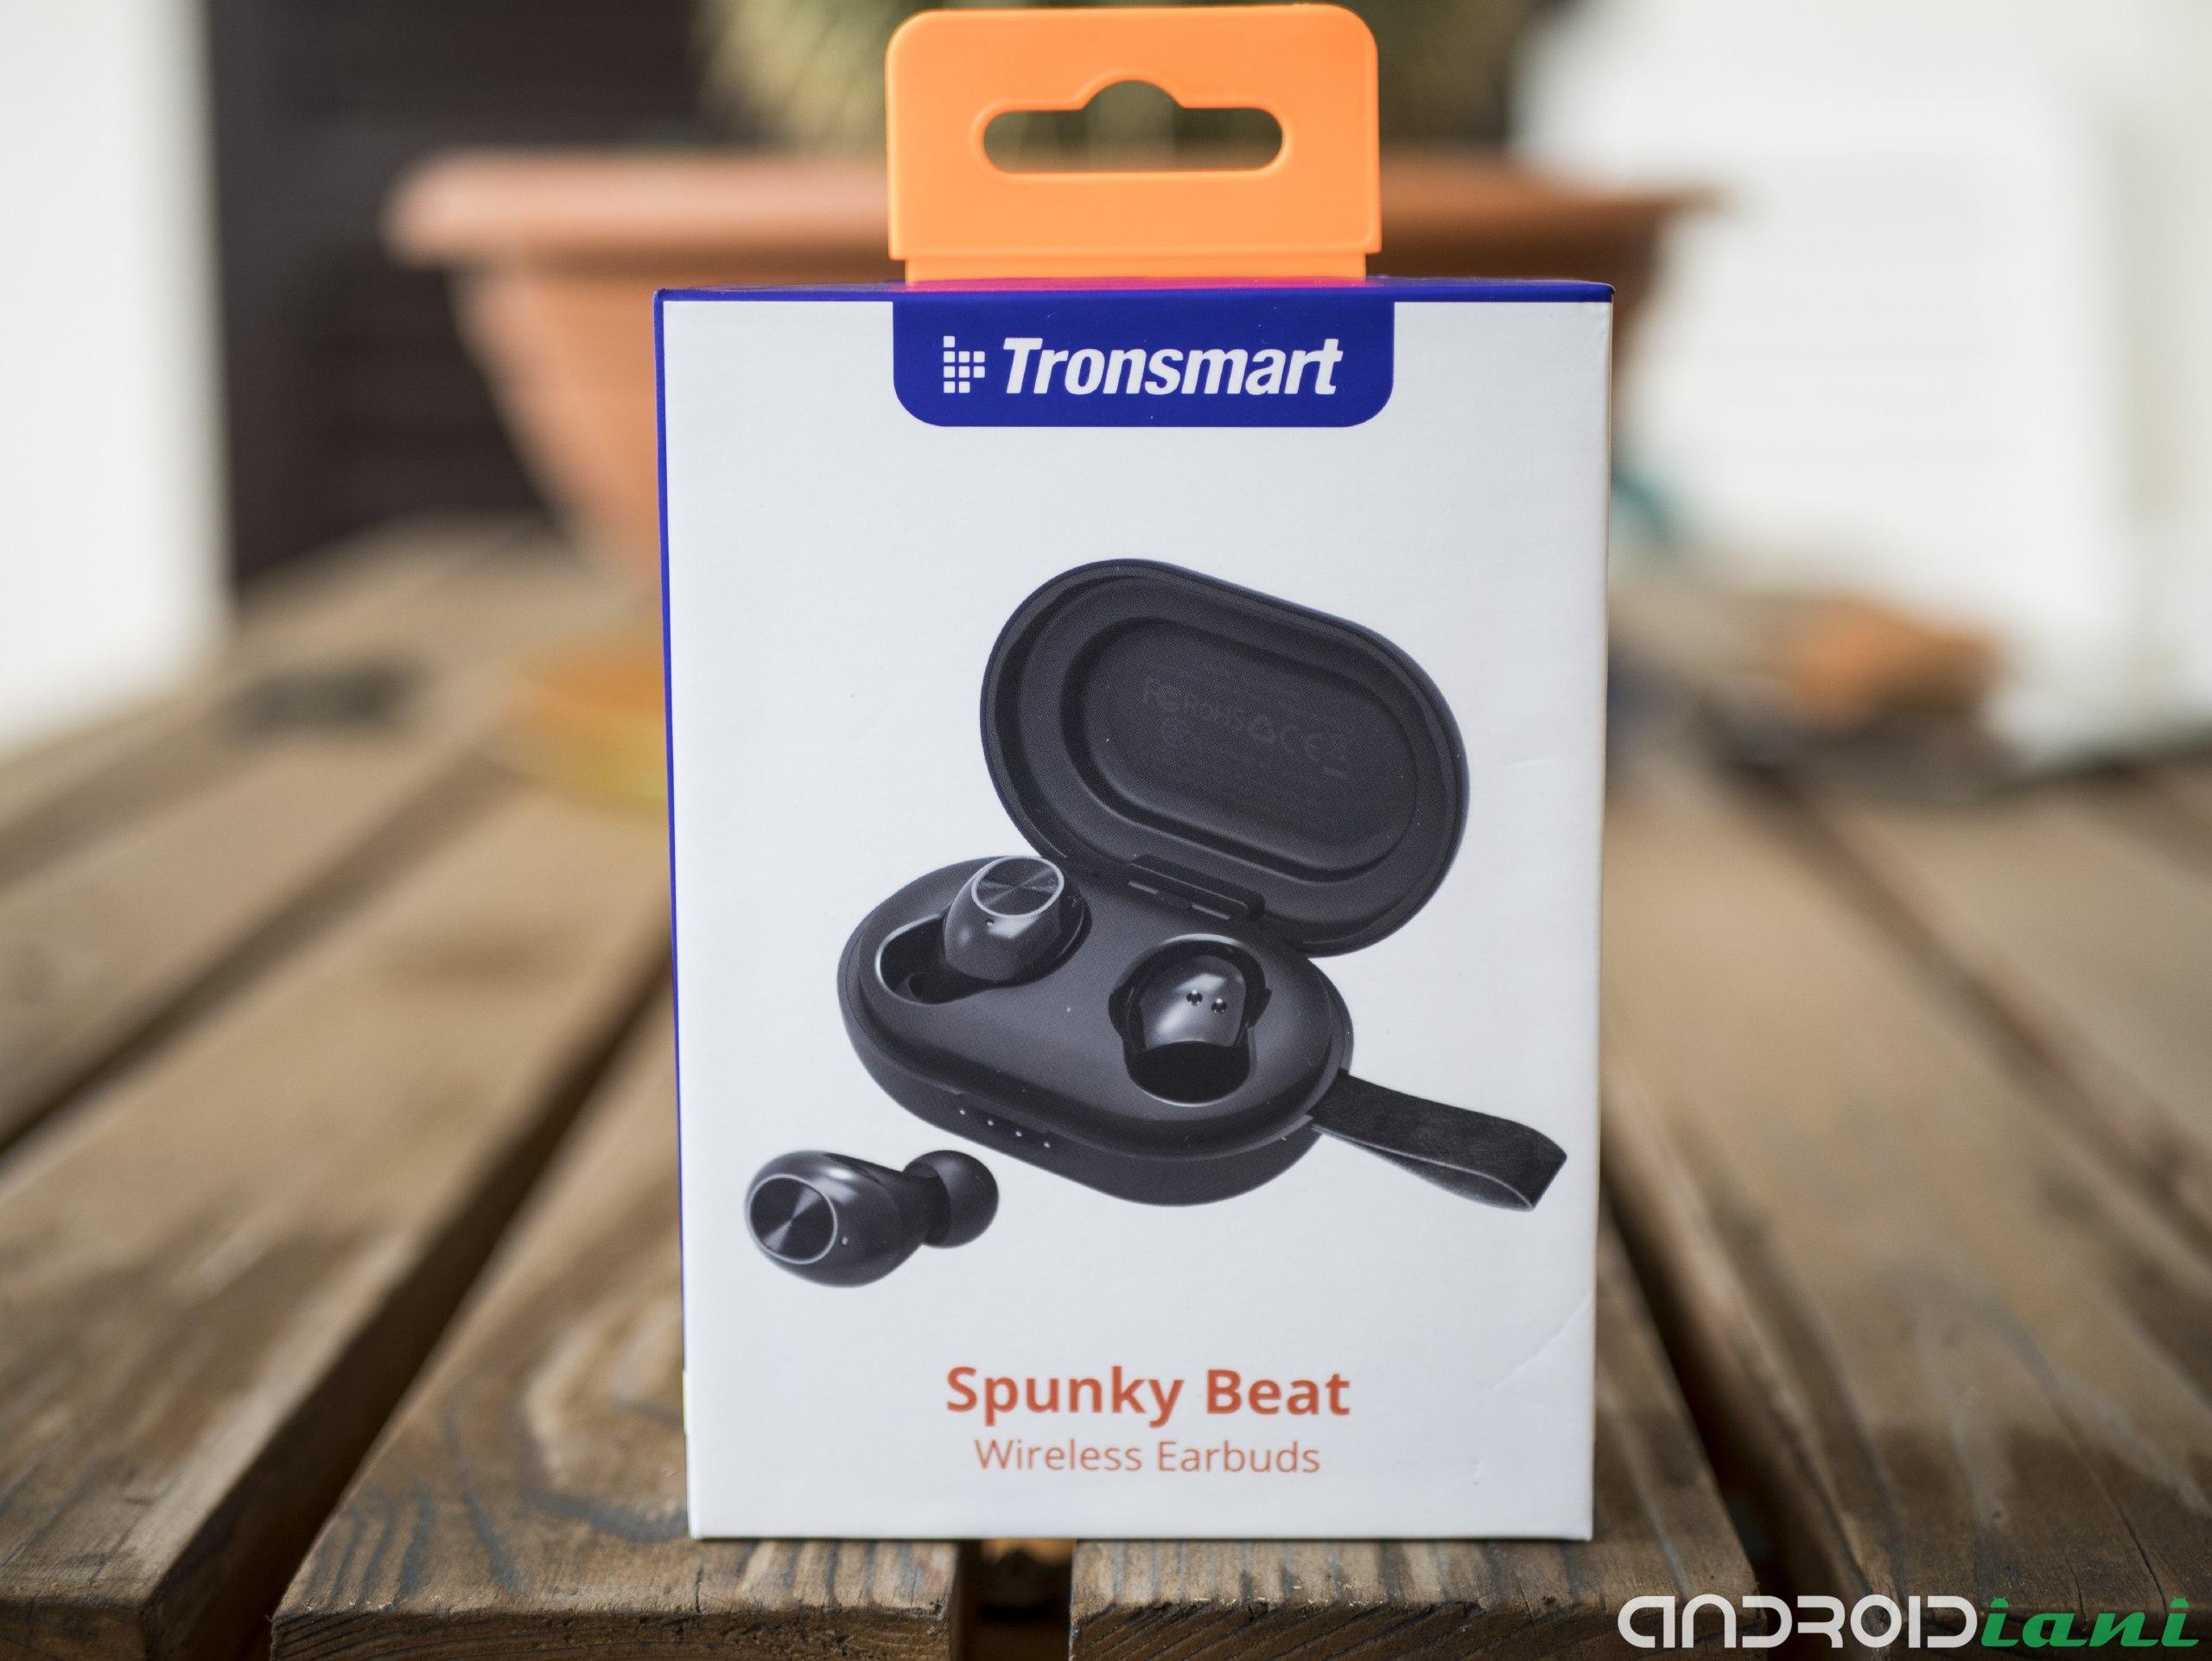 Tronsmart Spunky Beat: views 3